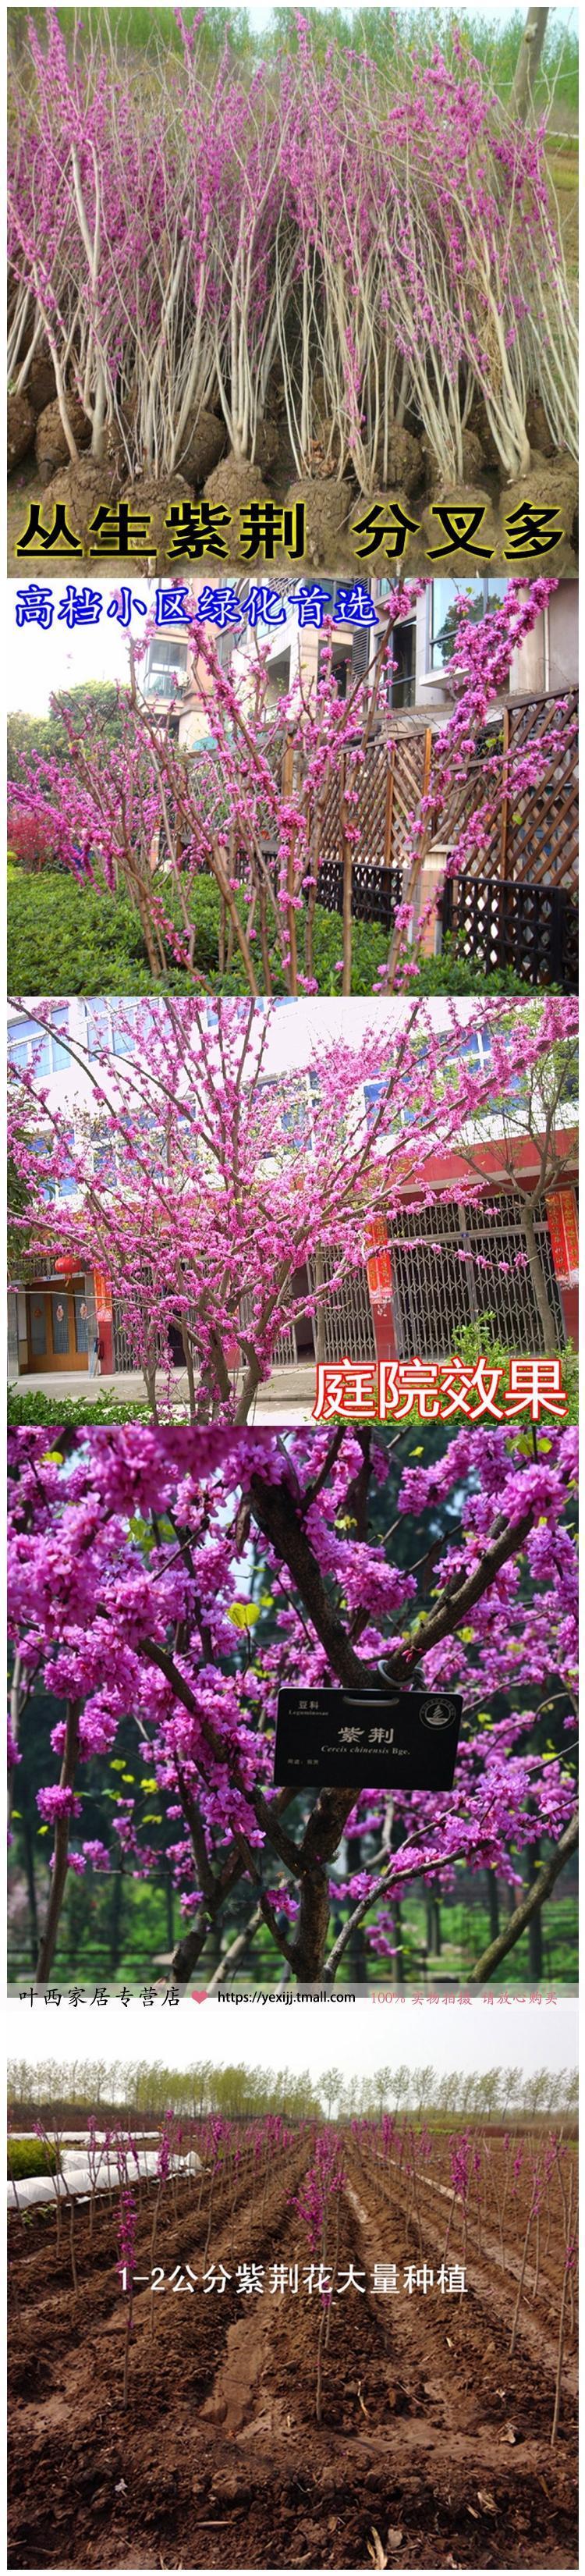 庭院 紫荆花苗 巨紫荆树苗 满条红紫荆小苗樱花苗